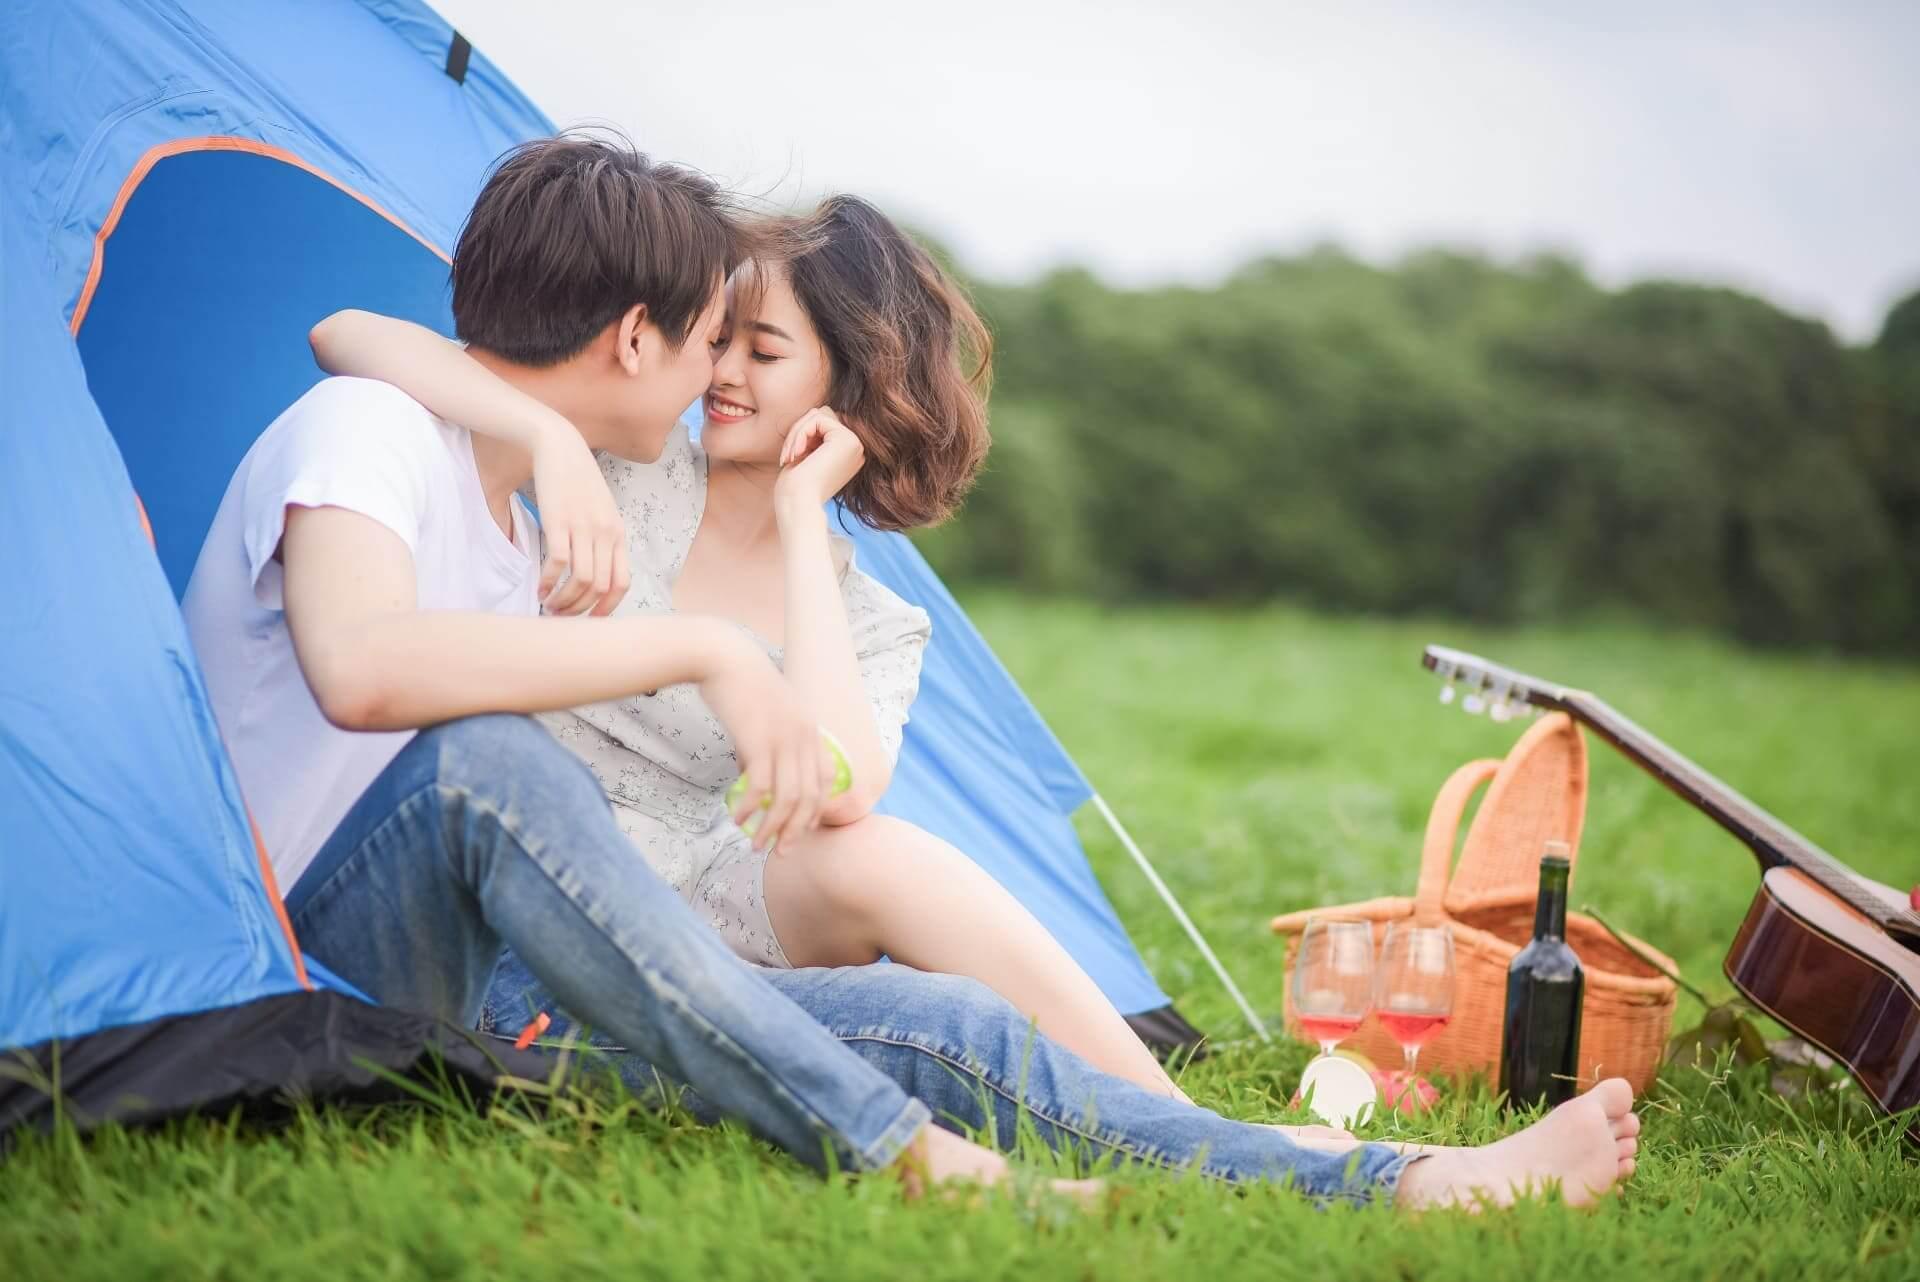 木下レオン恋占い|スキンシップ、キス…3ヶ月後の二人どこまで進展?